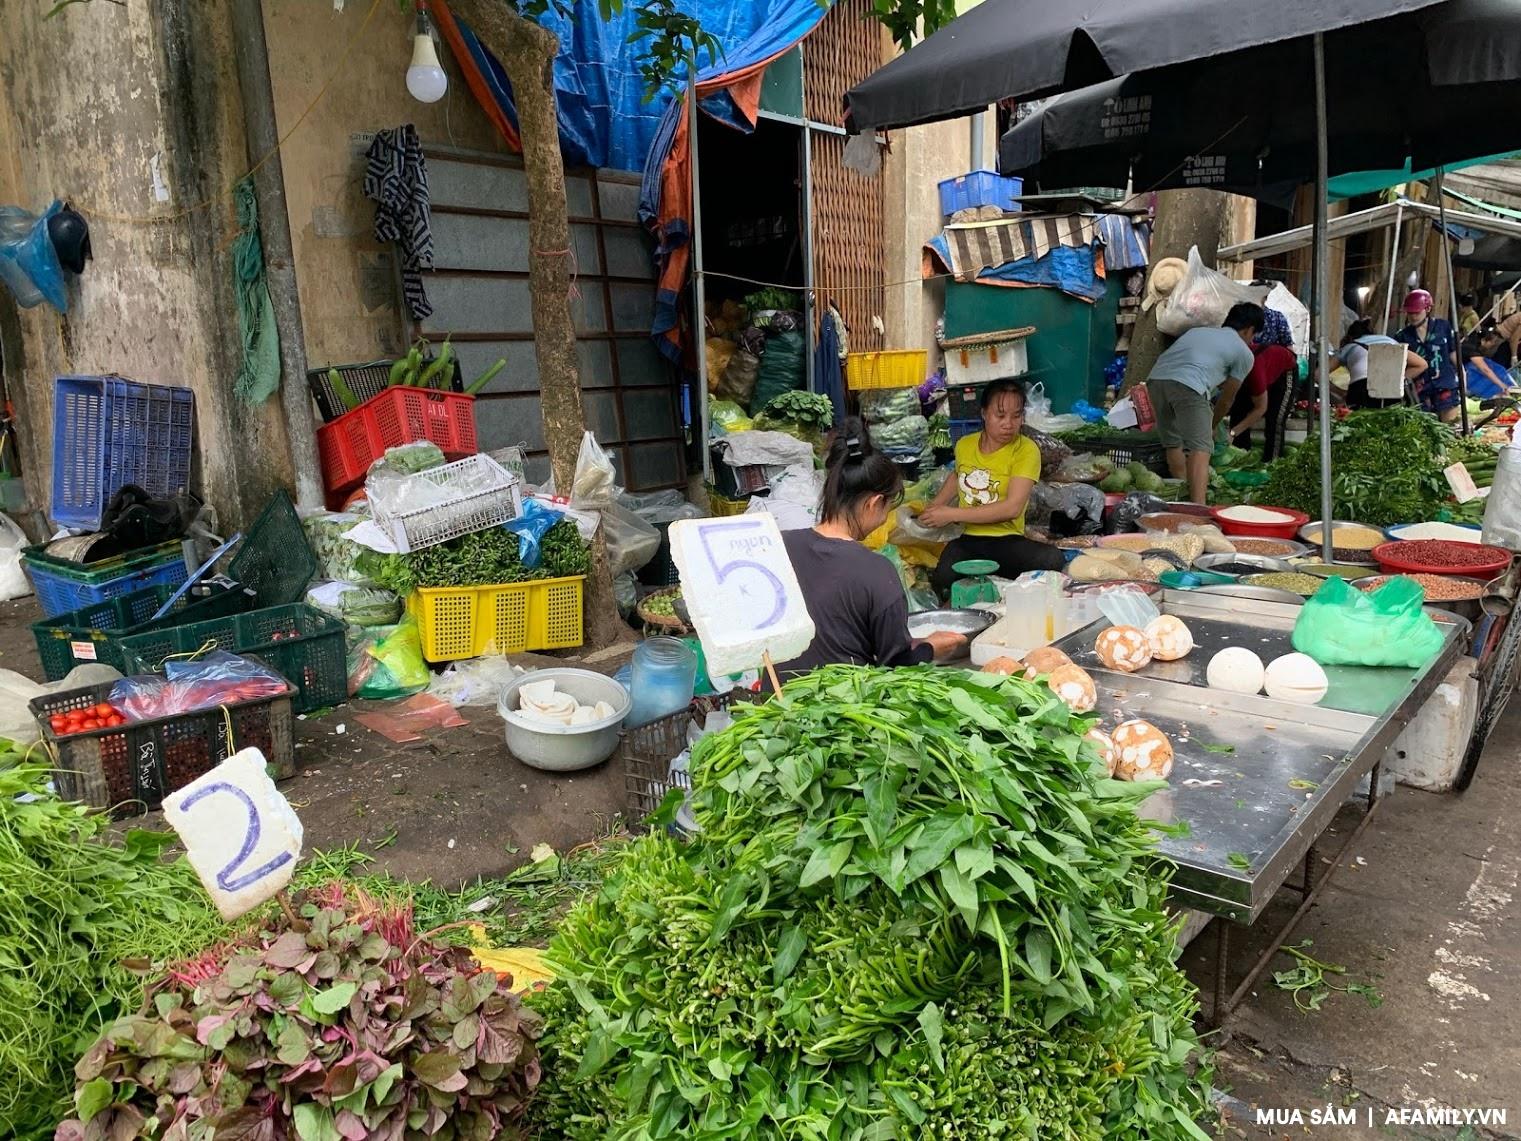 Đi chợ mấy ngày này cực đã, bà nội trợ cầm 10.000 đồng đủ rau xanh ăn cả ngày cho gia đình - Ảnh 4.